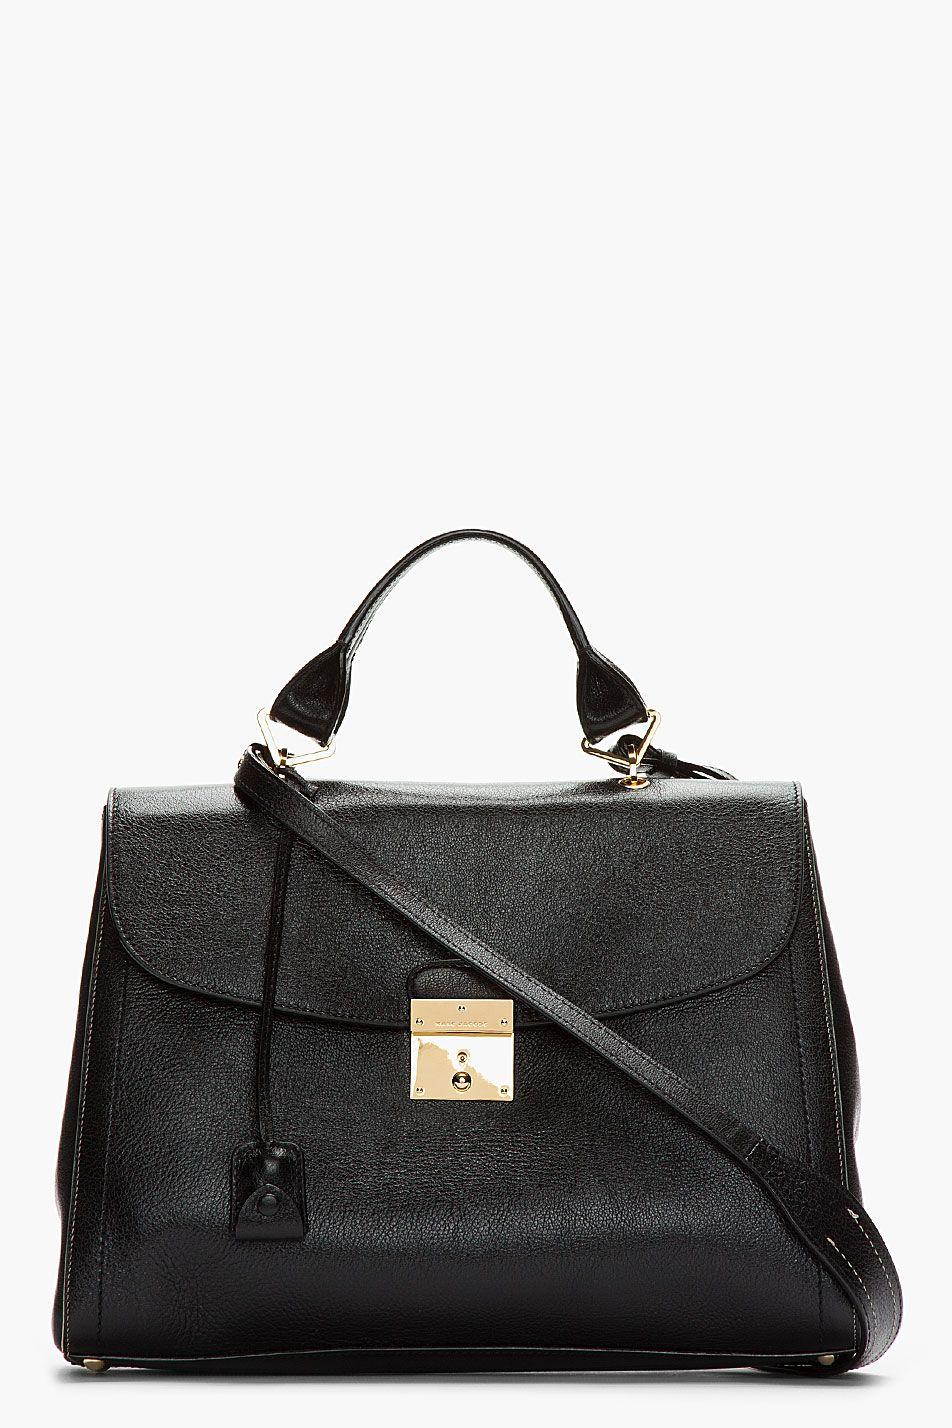 1,139.50 Marc Jacobs Black Leather Shoulder Bag